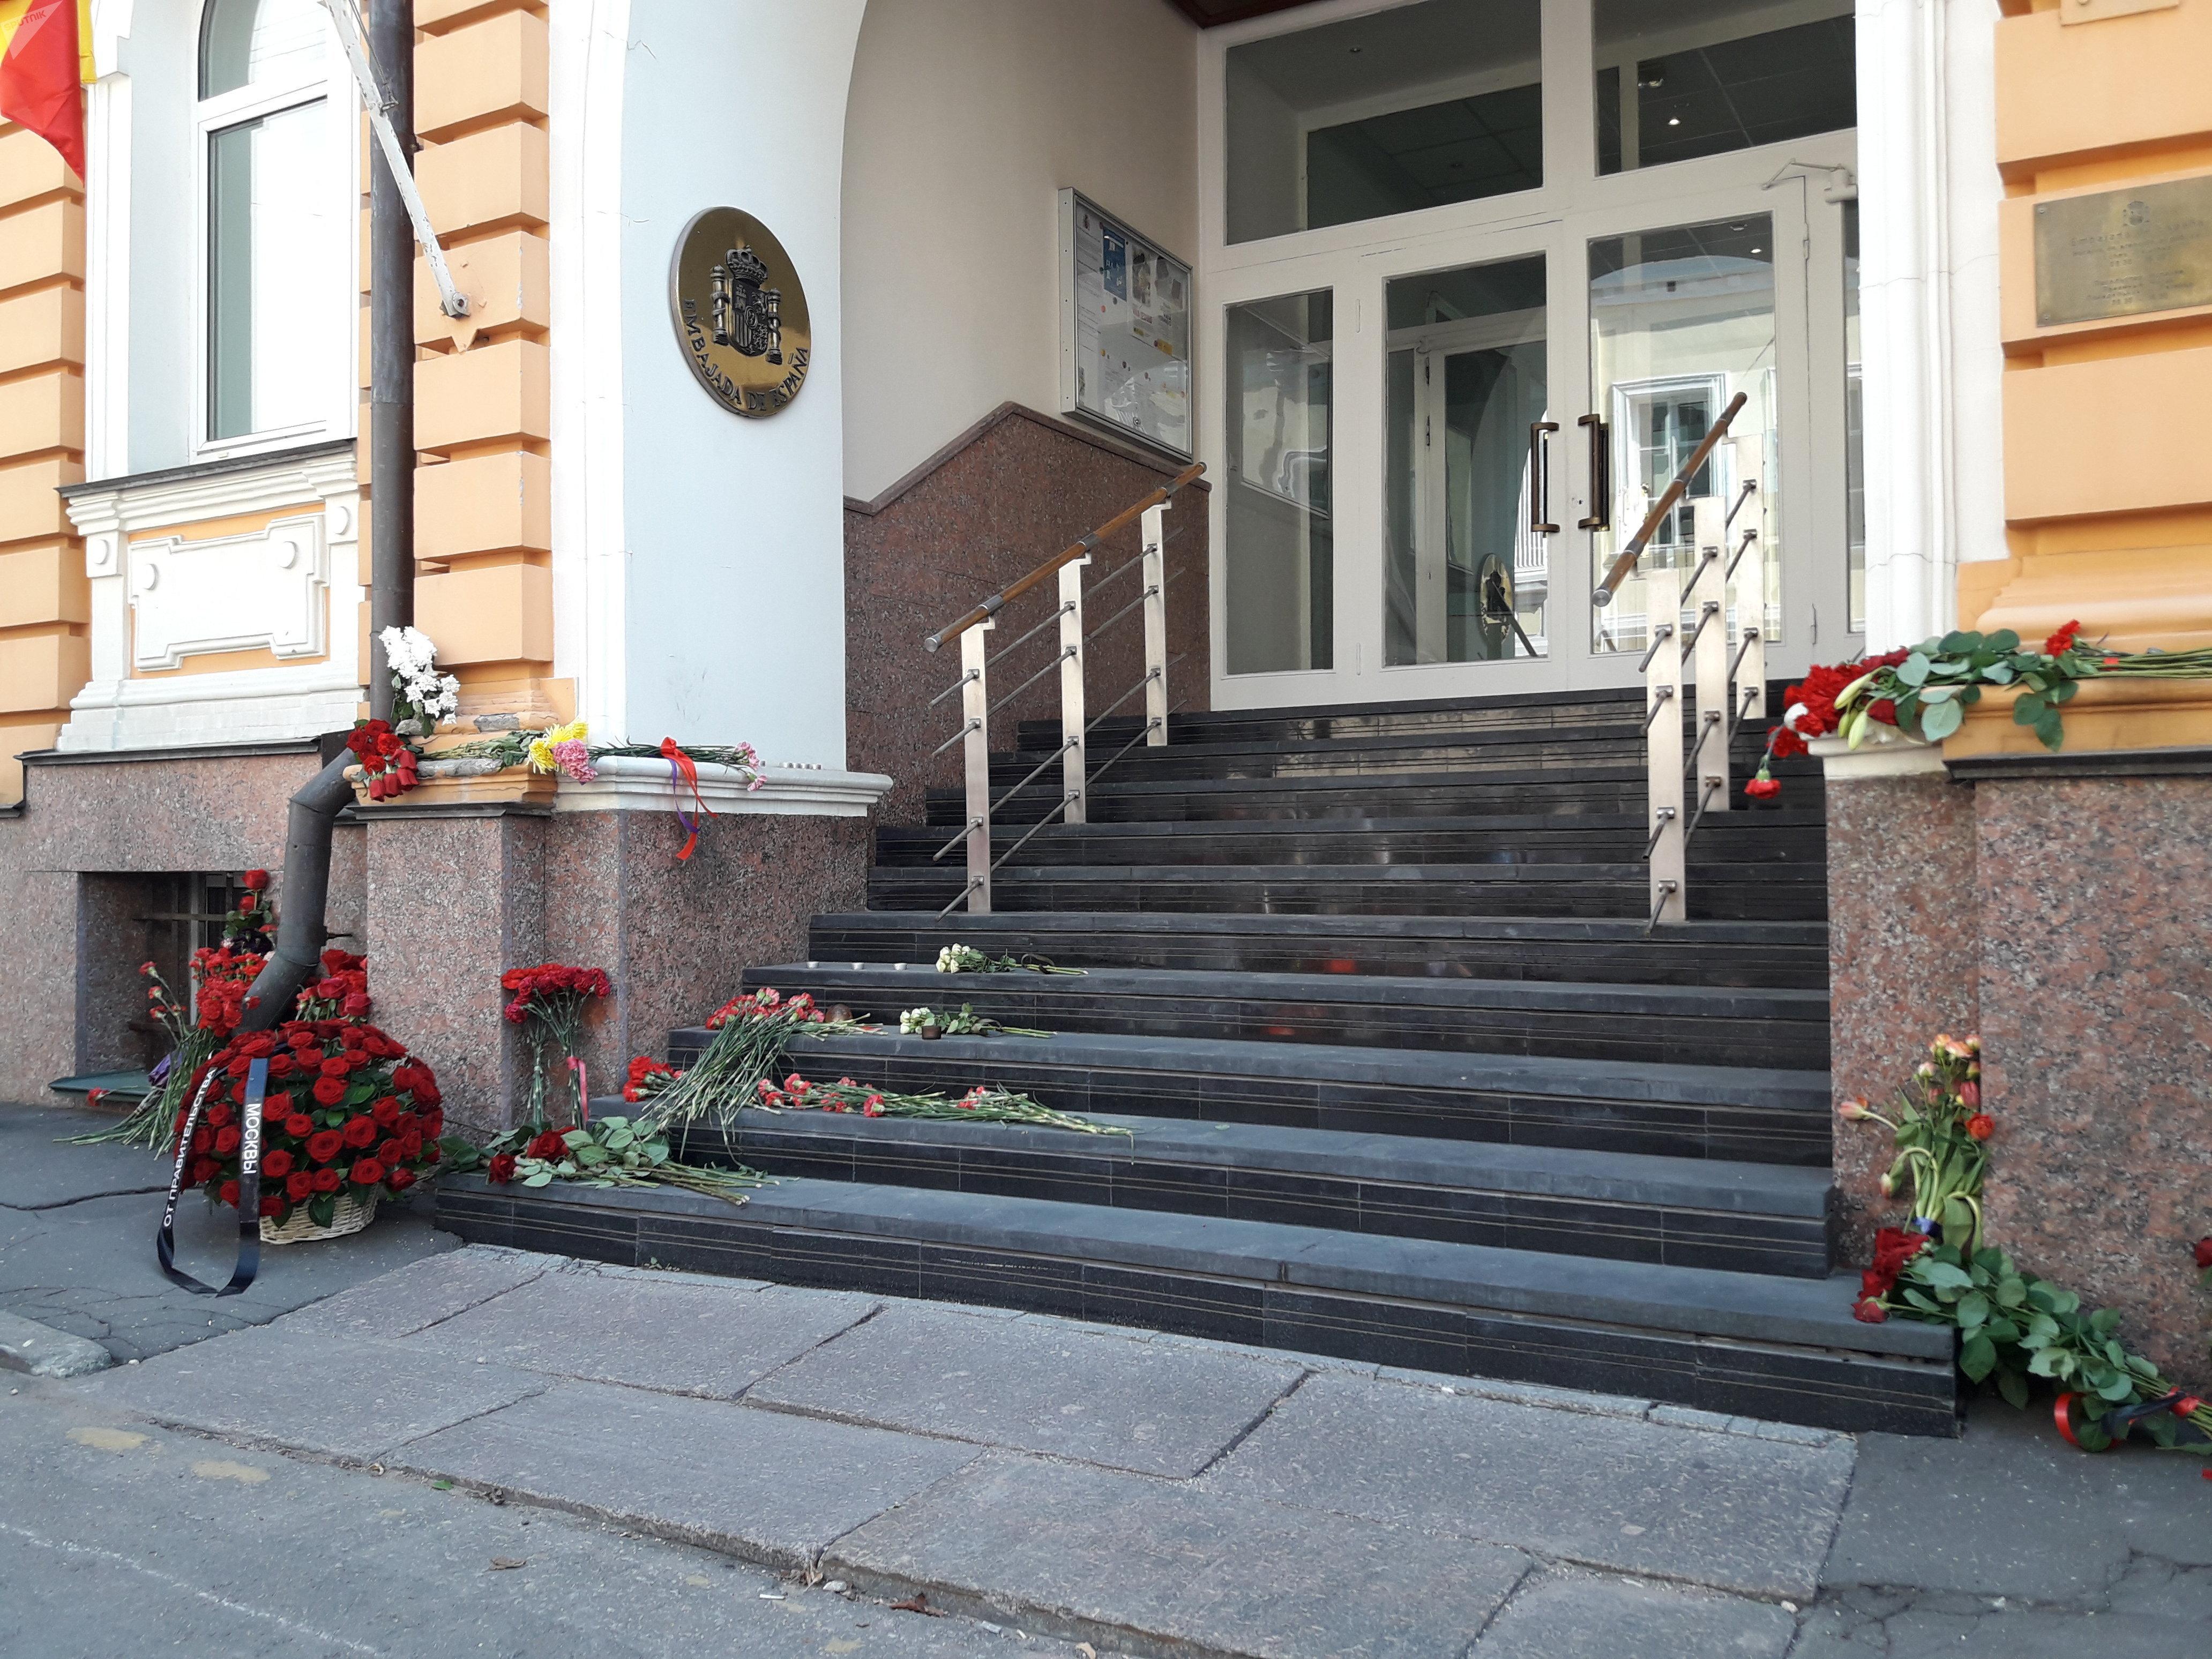 L'ambassade d'Espagne à Moscou